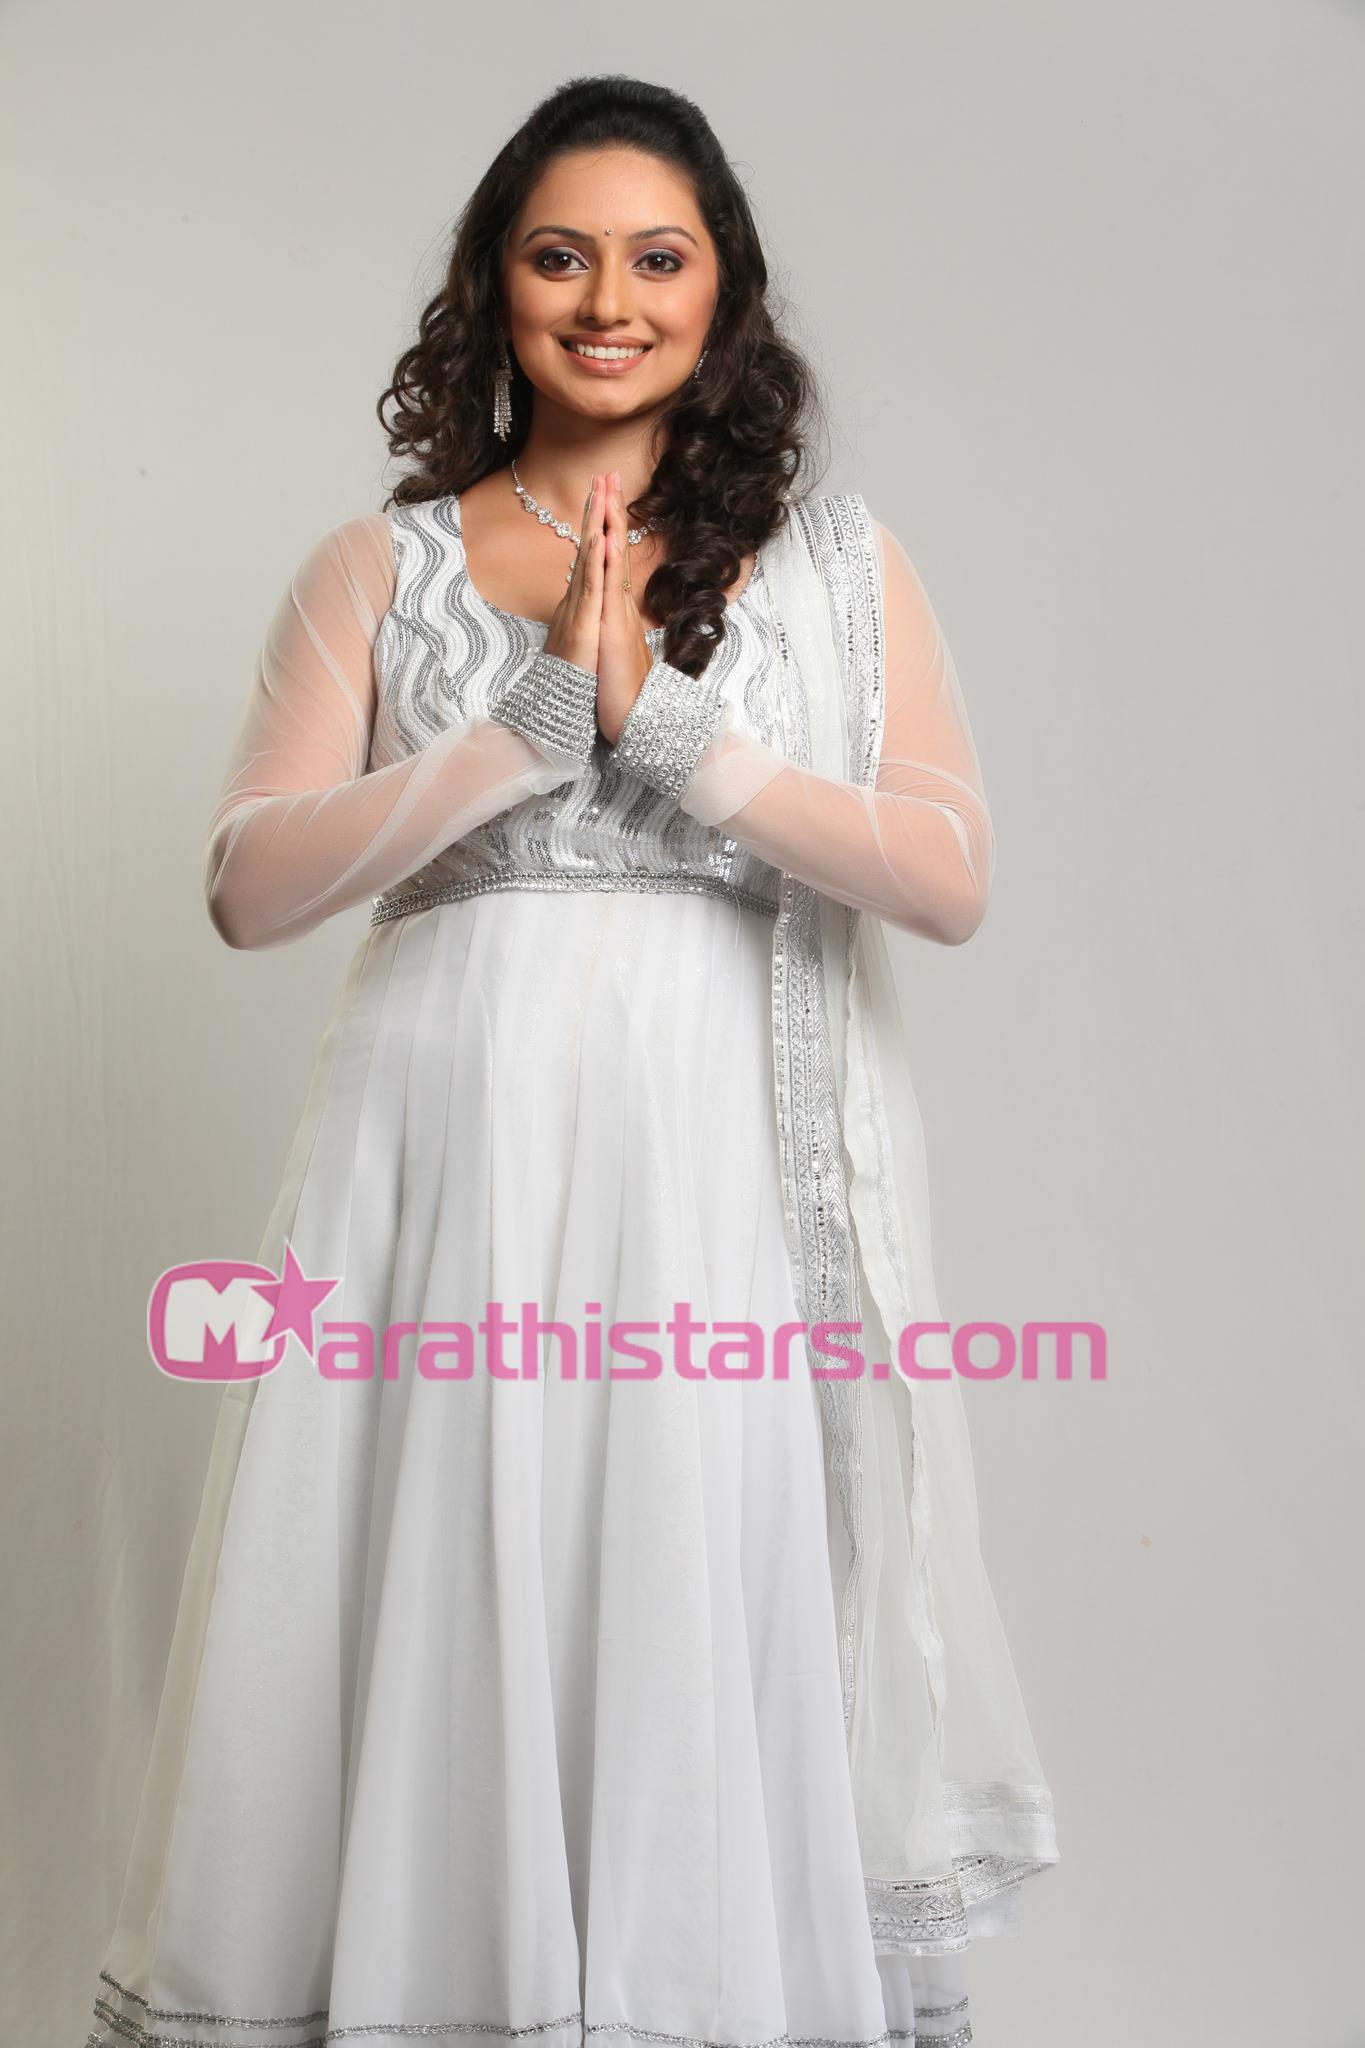 Actress Radha Facebook Radha-hi-bawari-actress